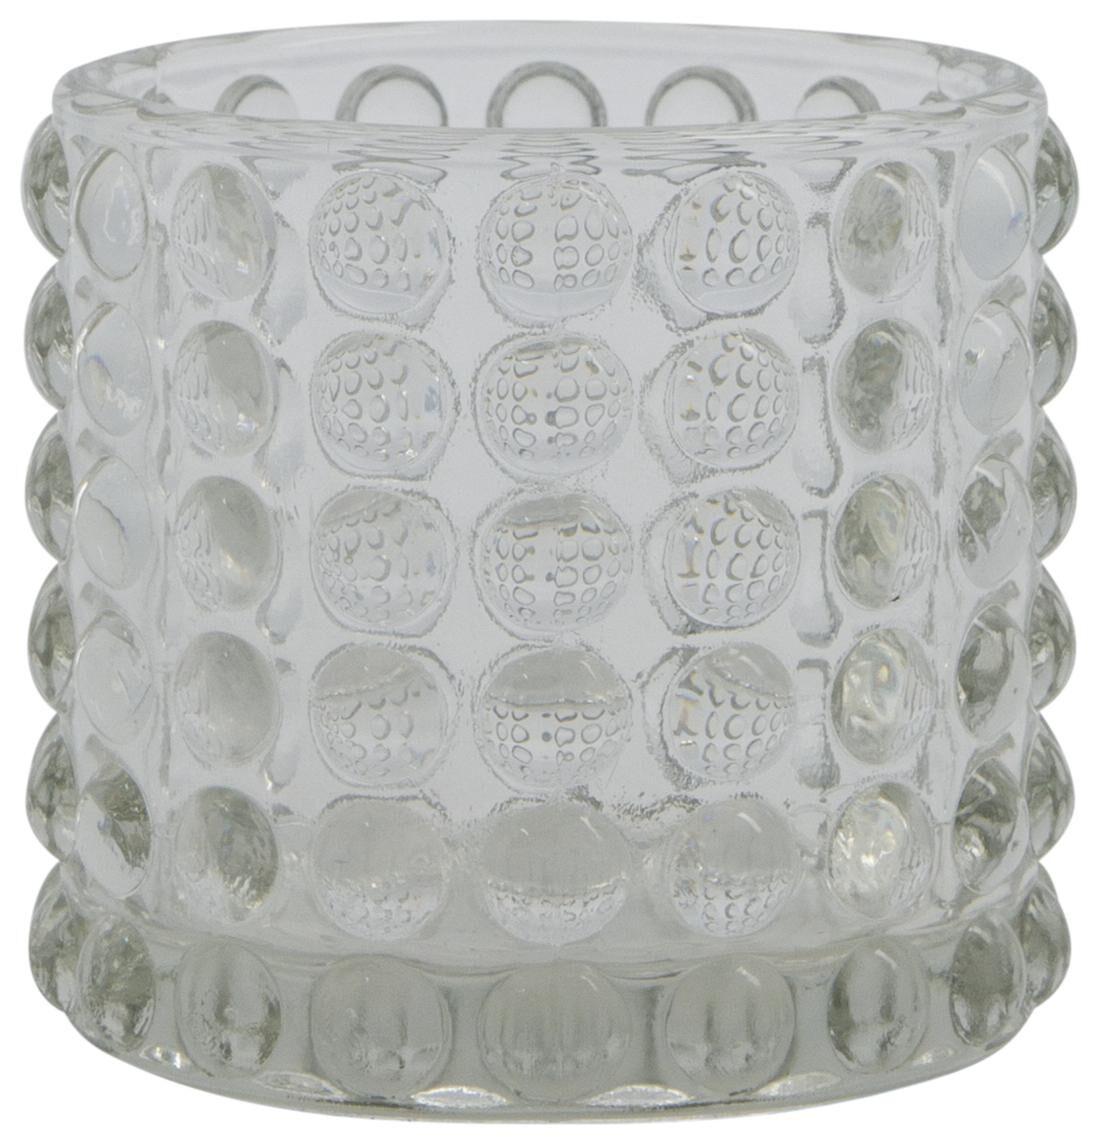 HEMA Sfeerlichthouder Ø5.5x7 Glas Transparant